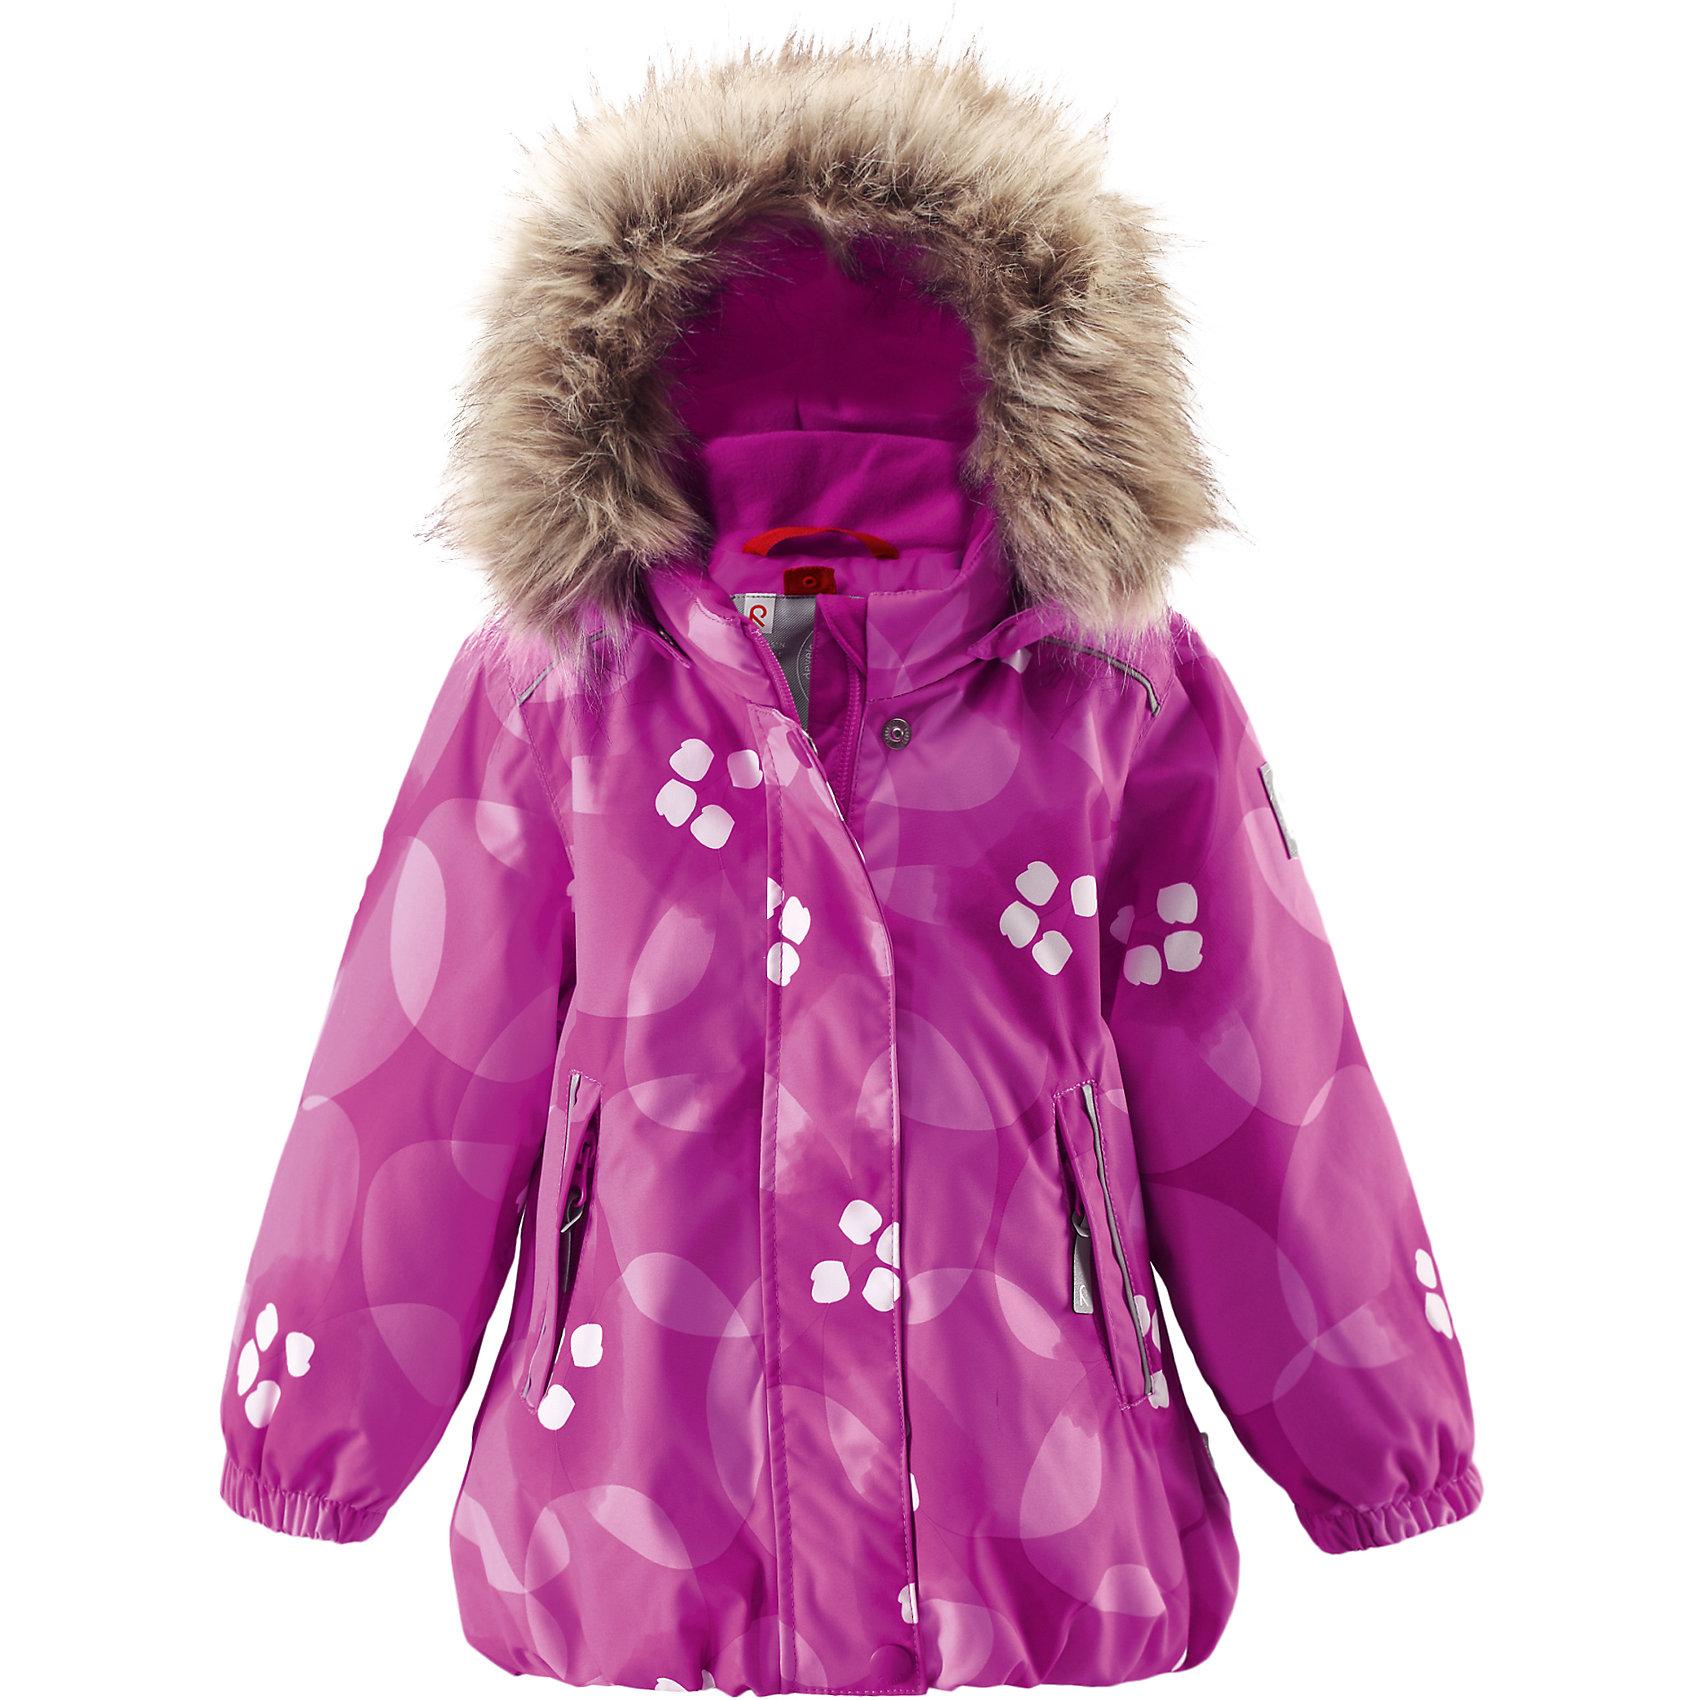 Куртка Muhvi Reimatec® ReimaОдежда<br>Зимняя куртка для малышей. Все швы проклеены и водонепроницаемы. Водо- и ветронепроницаемый, «дышащий» и грязеотталкивающий материал. Крой для девочек. Гладкая подкладка из полиэстра .Безопасный съемный капюшон с отсоединяемой меховой каймой из искусственного меха .Эластичный пояс сзади. Эластичные подол и манжеты. Регулируемый подол. Два кармана на молнии. Принт по всей поверхности .Безопасные светоотражающие детали.<br>Состав:<br>100% ПЭ, ПУ-покрытие<br><br>Ширина мм: 356<br>Глубина мм: 10<br>Высота мм: 245<br>Вес г: 519<br>Цвет: розовый<br>Возраст от месяцев: 12<br>Возраст до месяцев: 15<br>Пол: Унисекс<br>Возраст: Детский<br>Размер: 80,92,86<br>SKU: 5309331